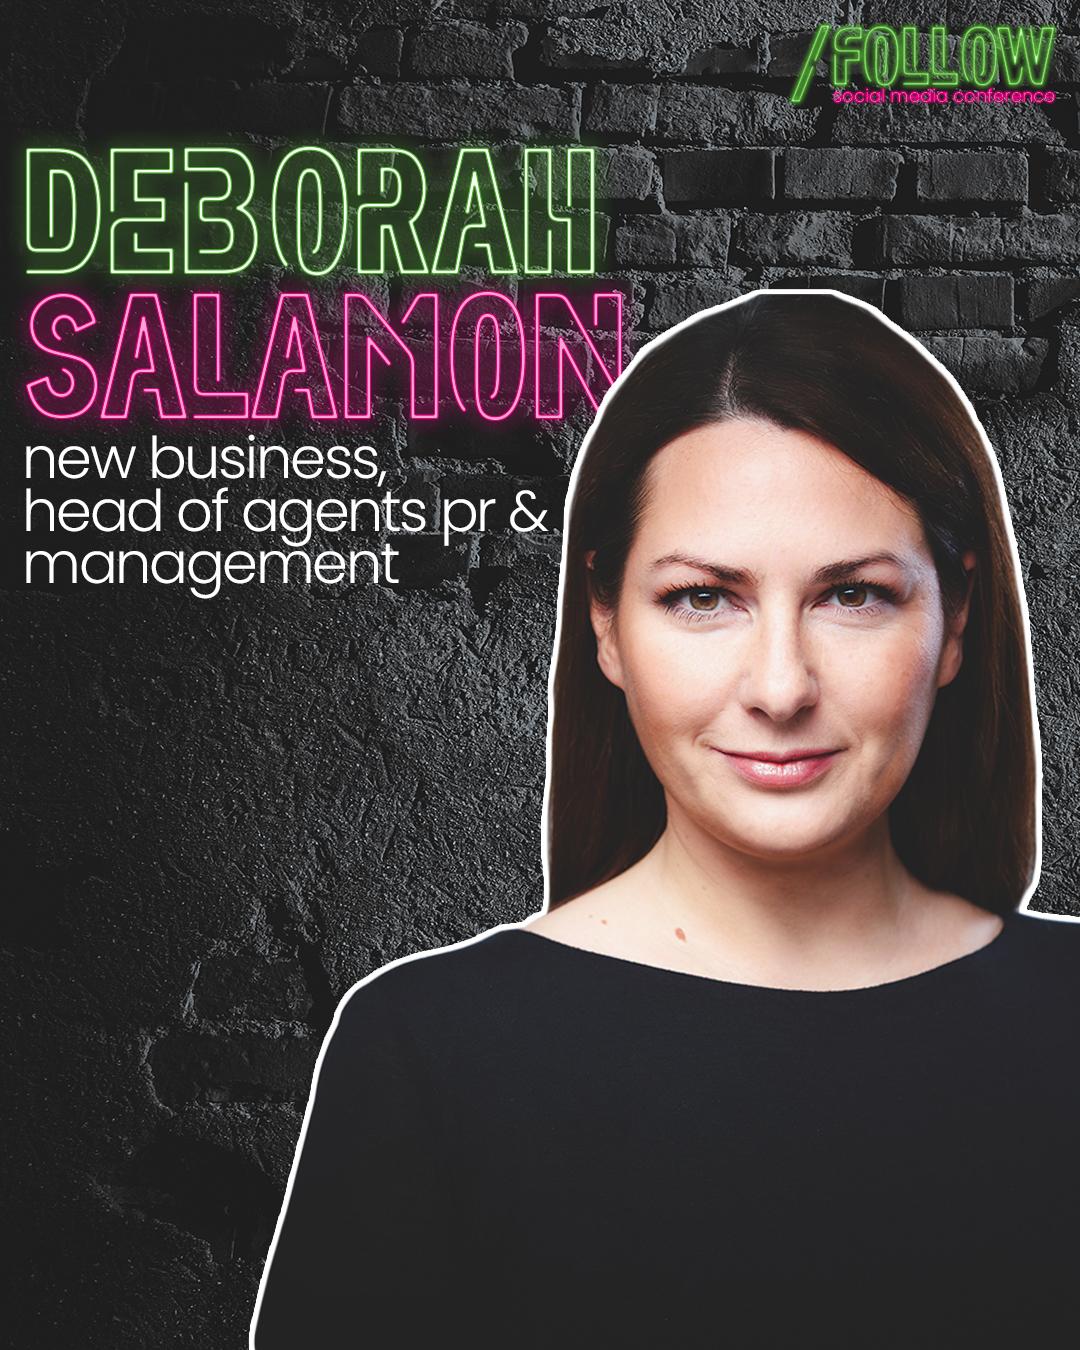 Deborah Salamon